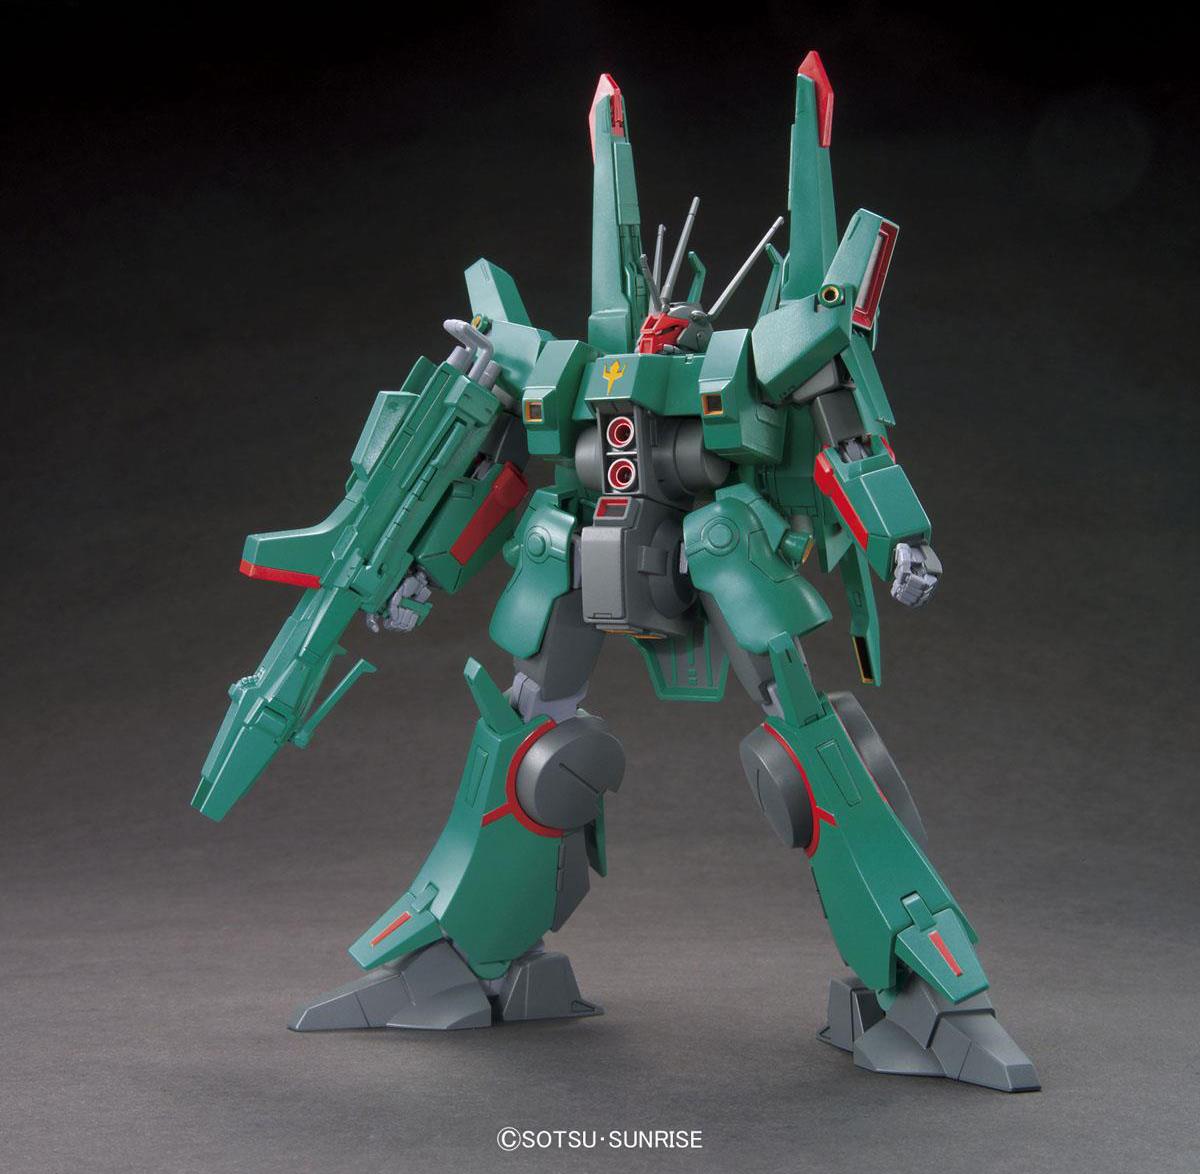 HGUC 1/144 AMX-014 Doven Wolf: